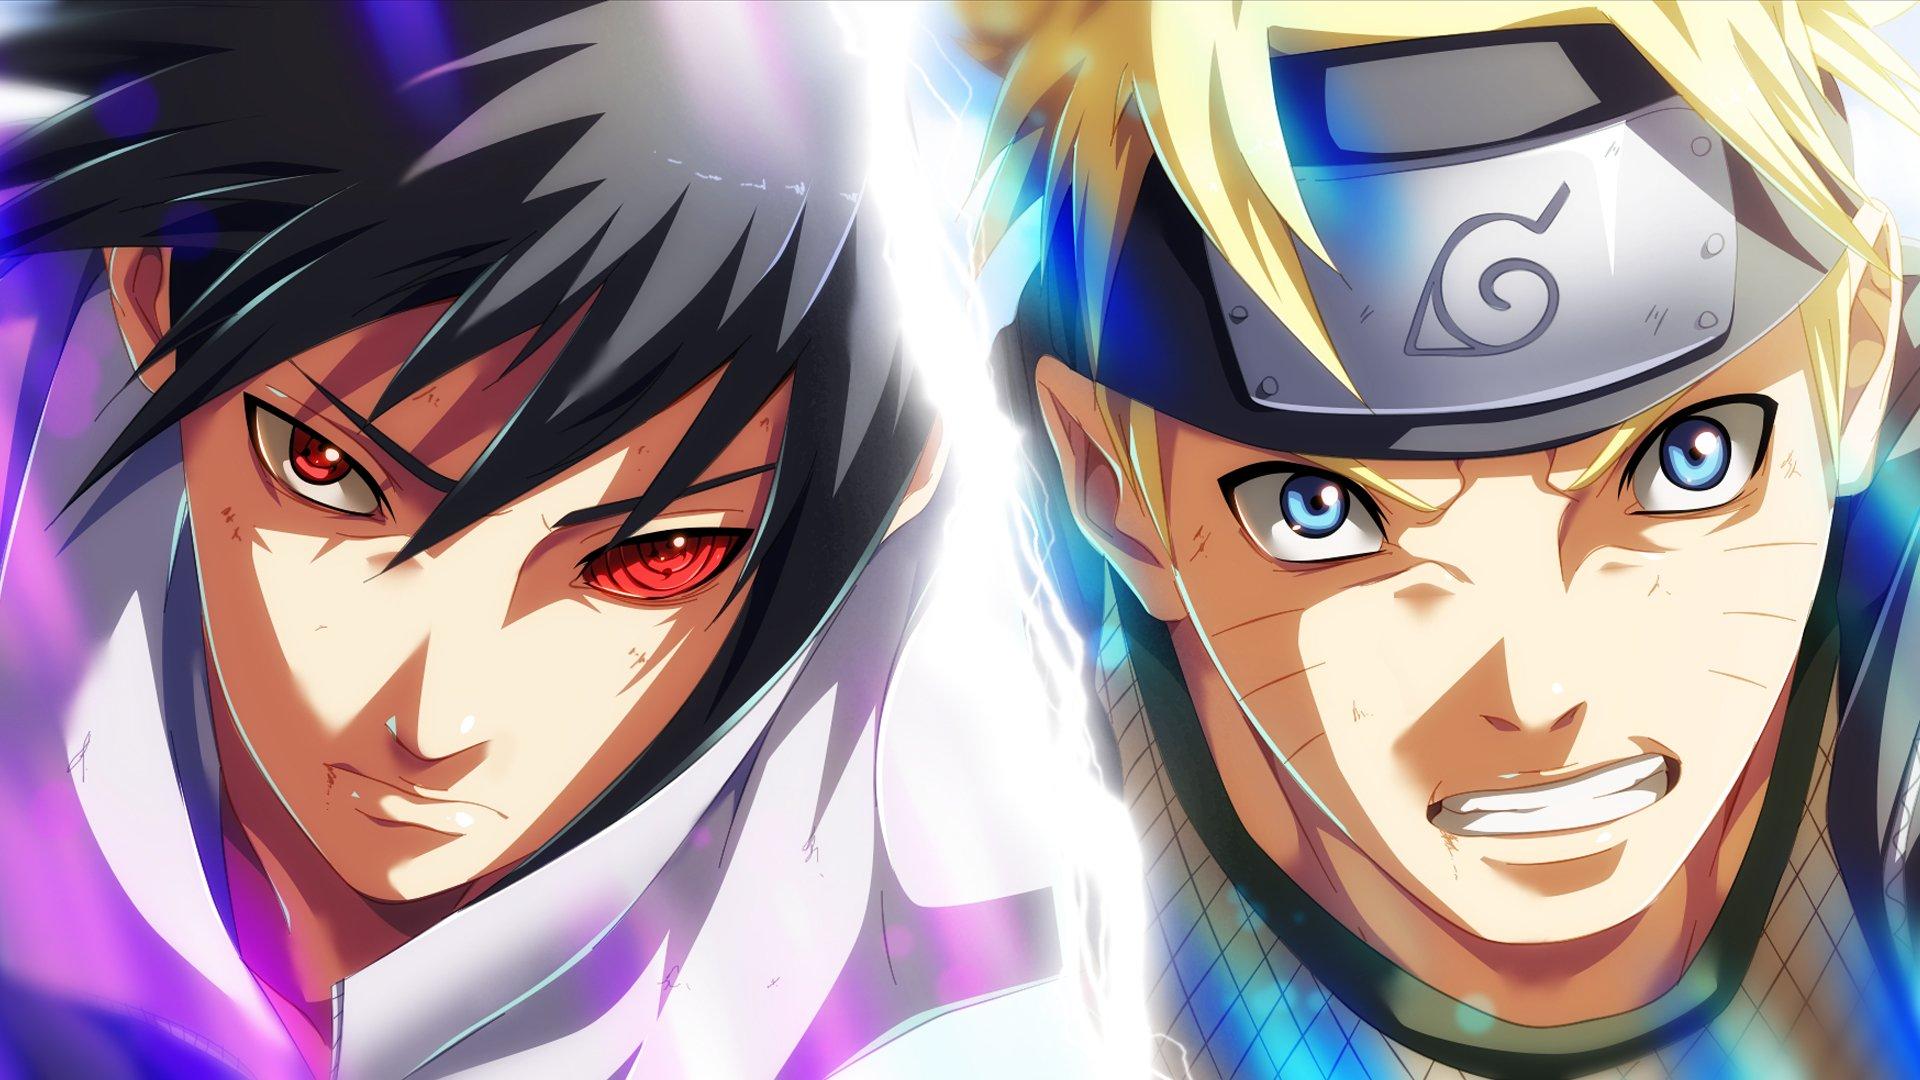 Sasuke and naruto hd wallpaper background image - Naruto as sasuke ...